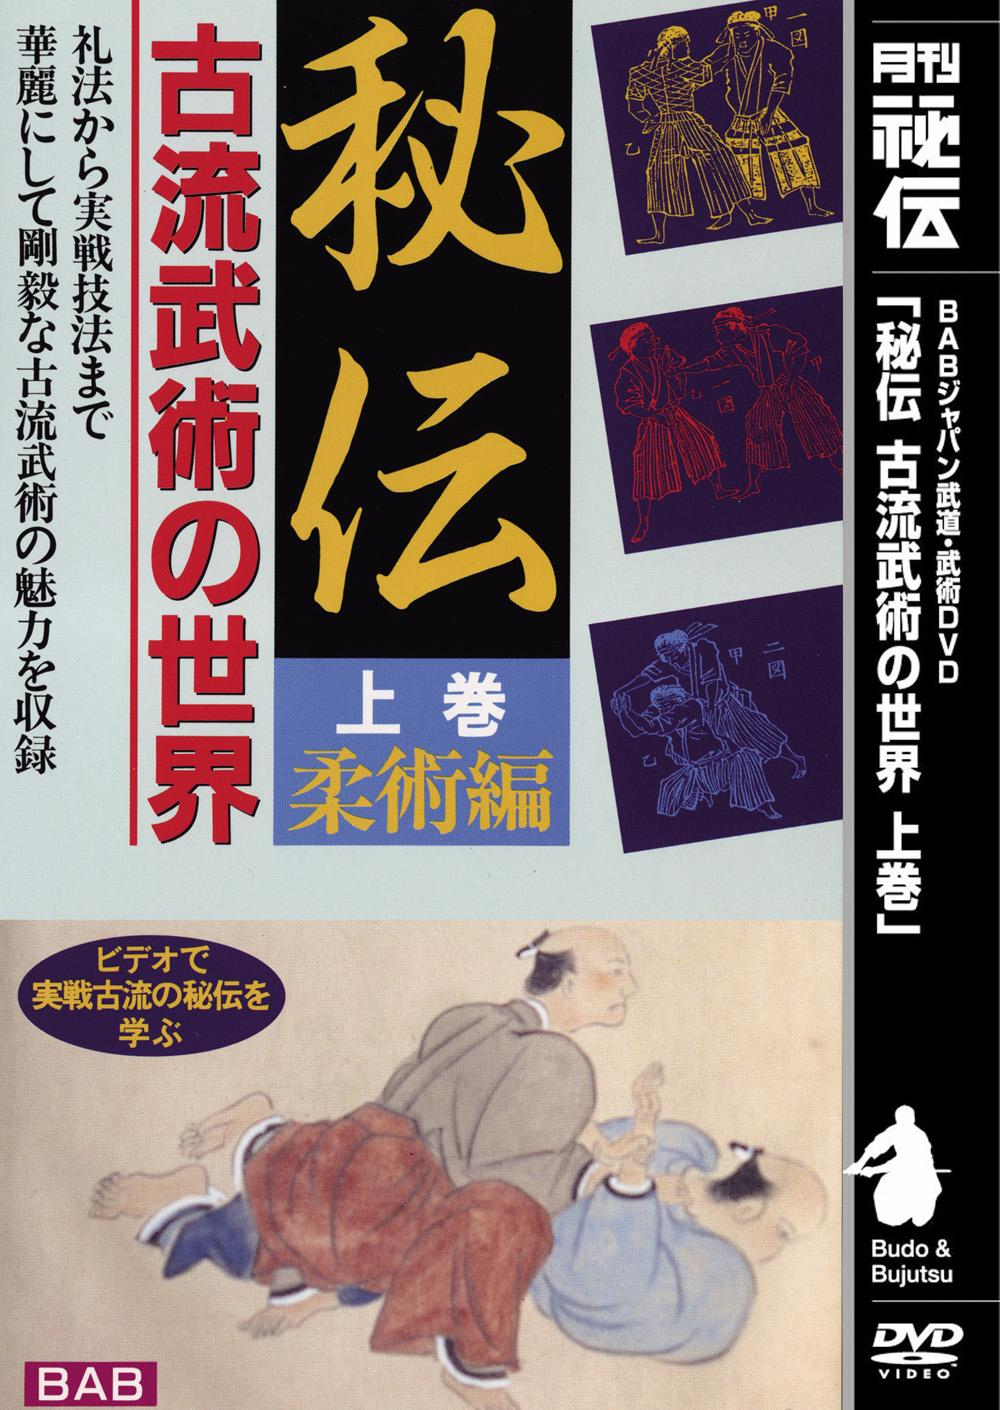 DVD 秘伝 古流武術の世界 上巻